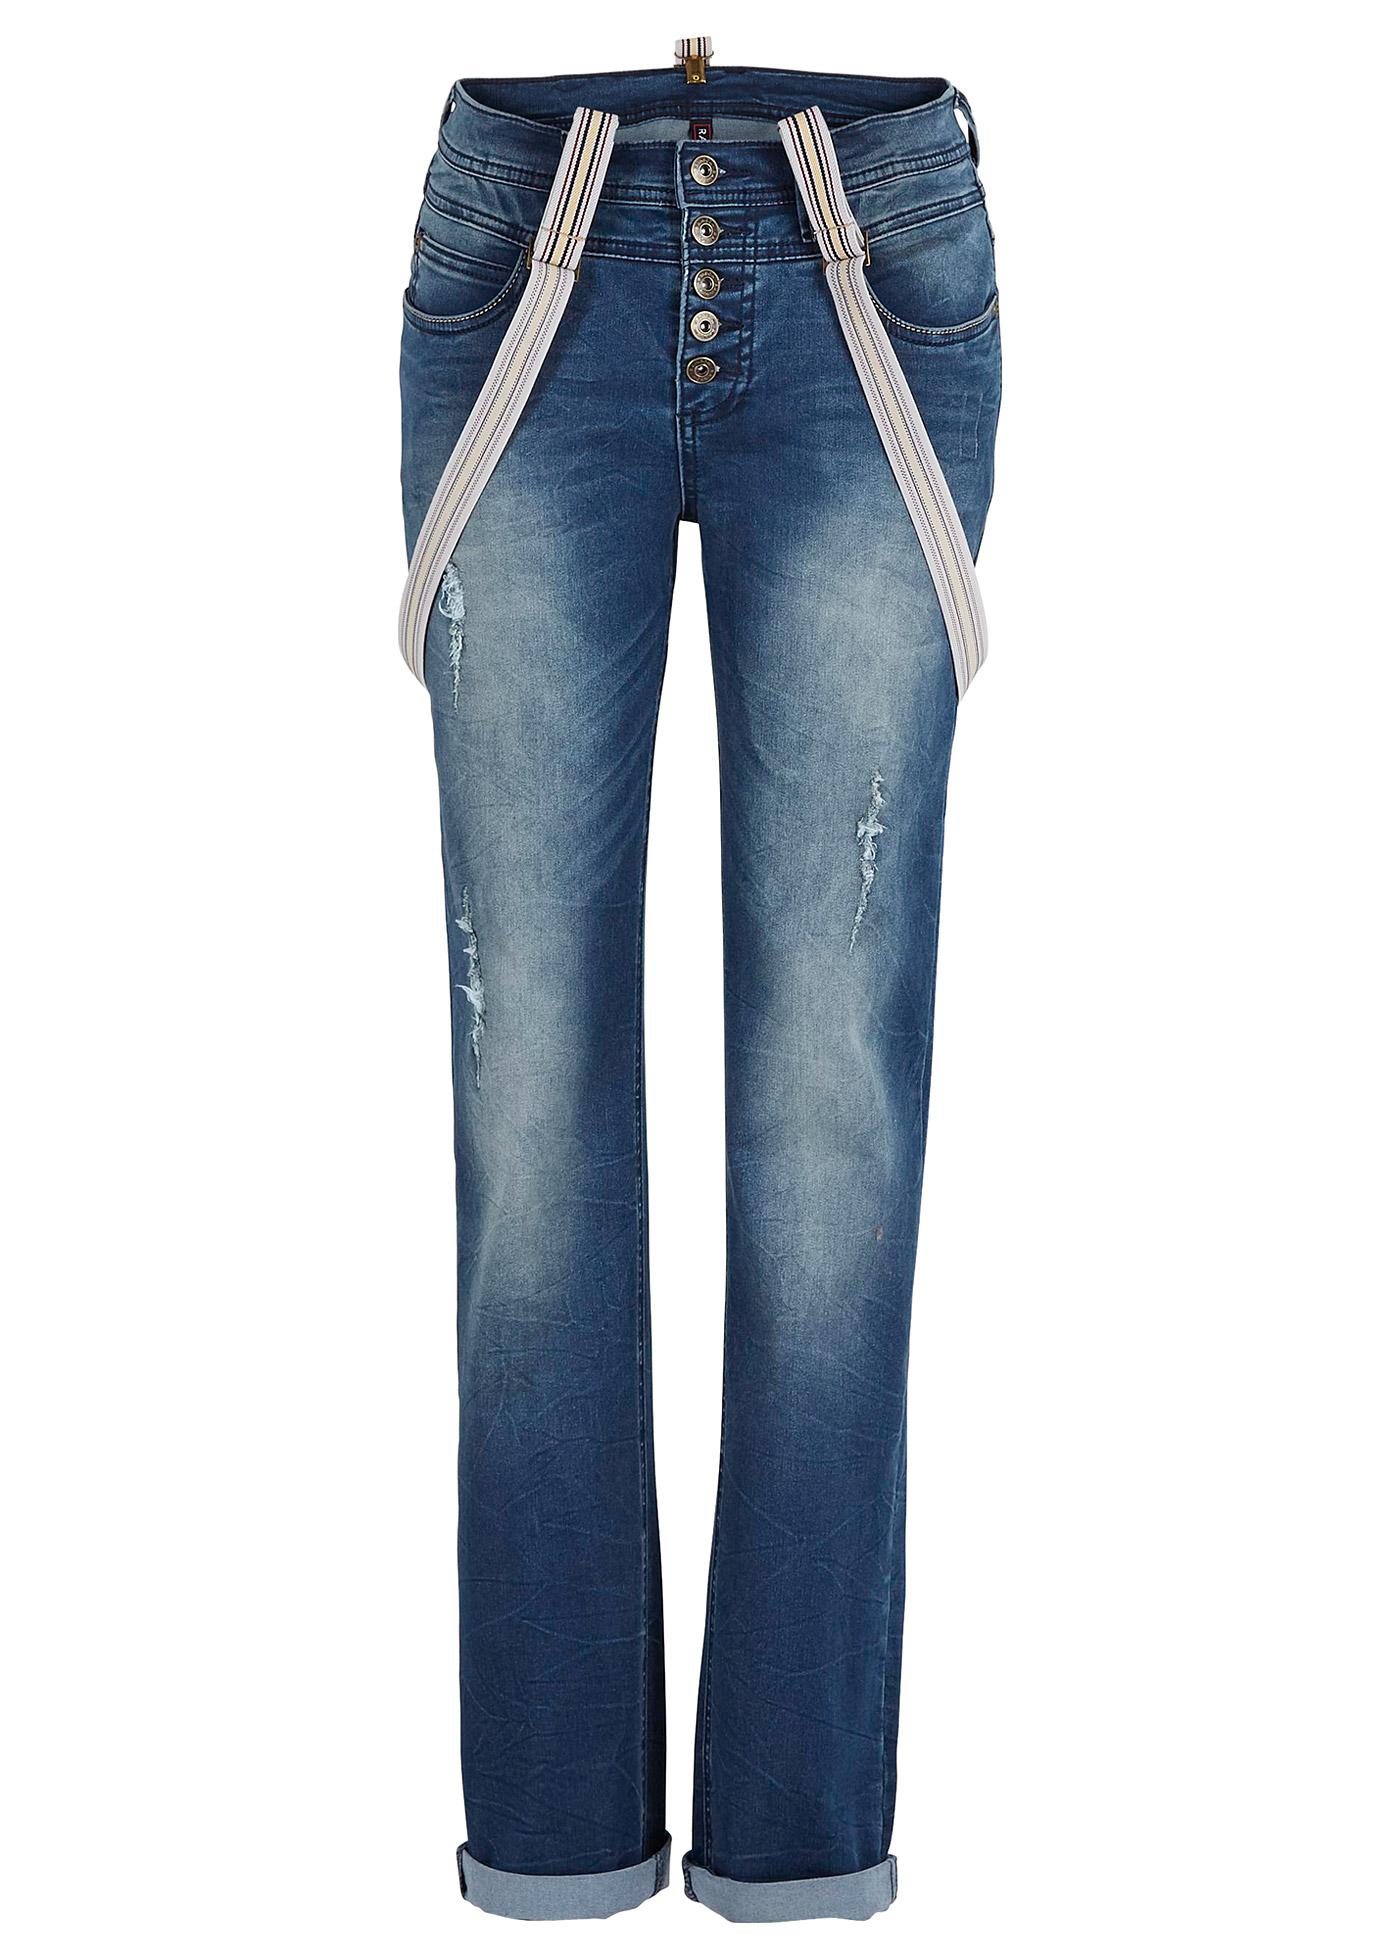 Jeans mit Hosenträgern in blau für Damen von bonprix Damenmode > Damenbekleidung > Jeans > lange Jeans